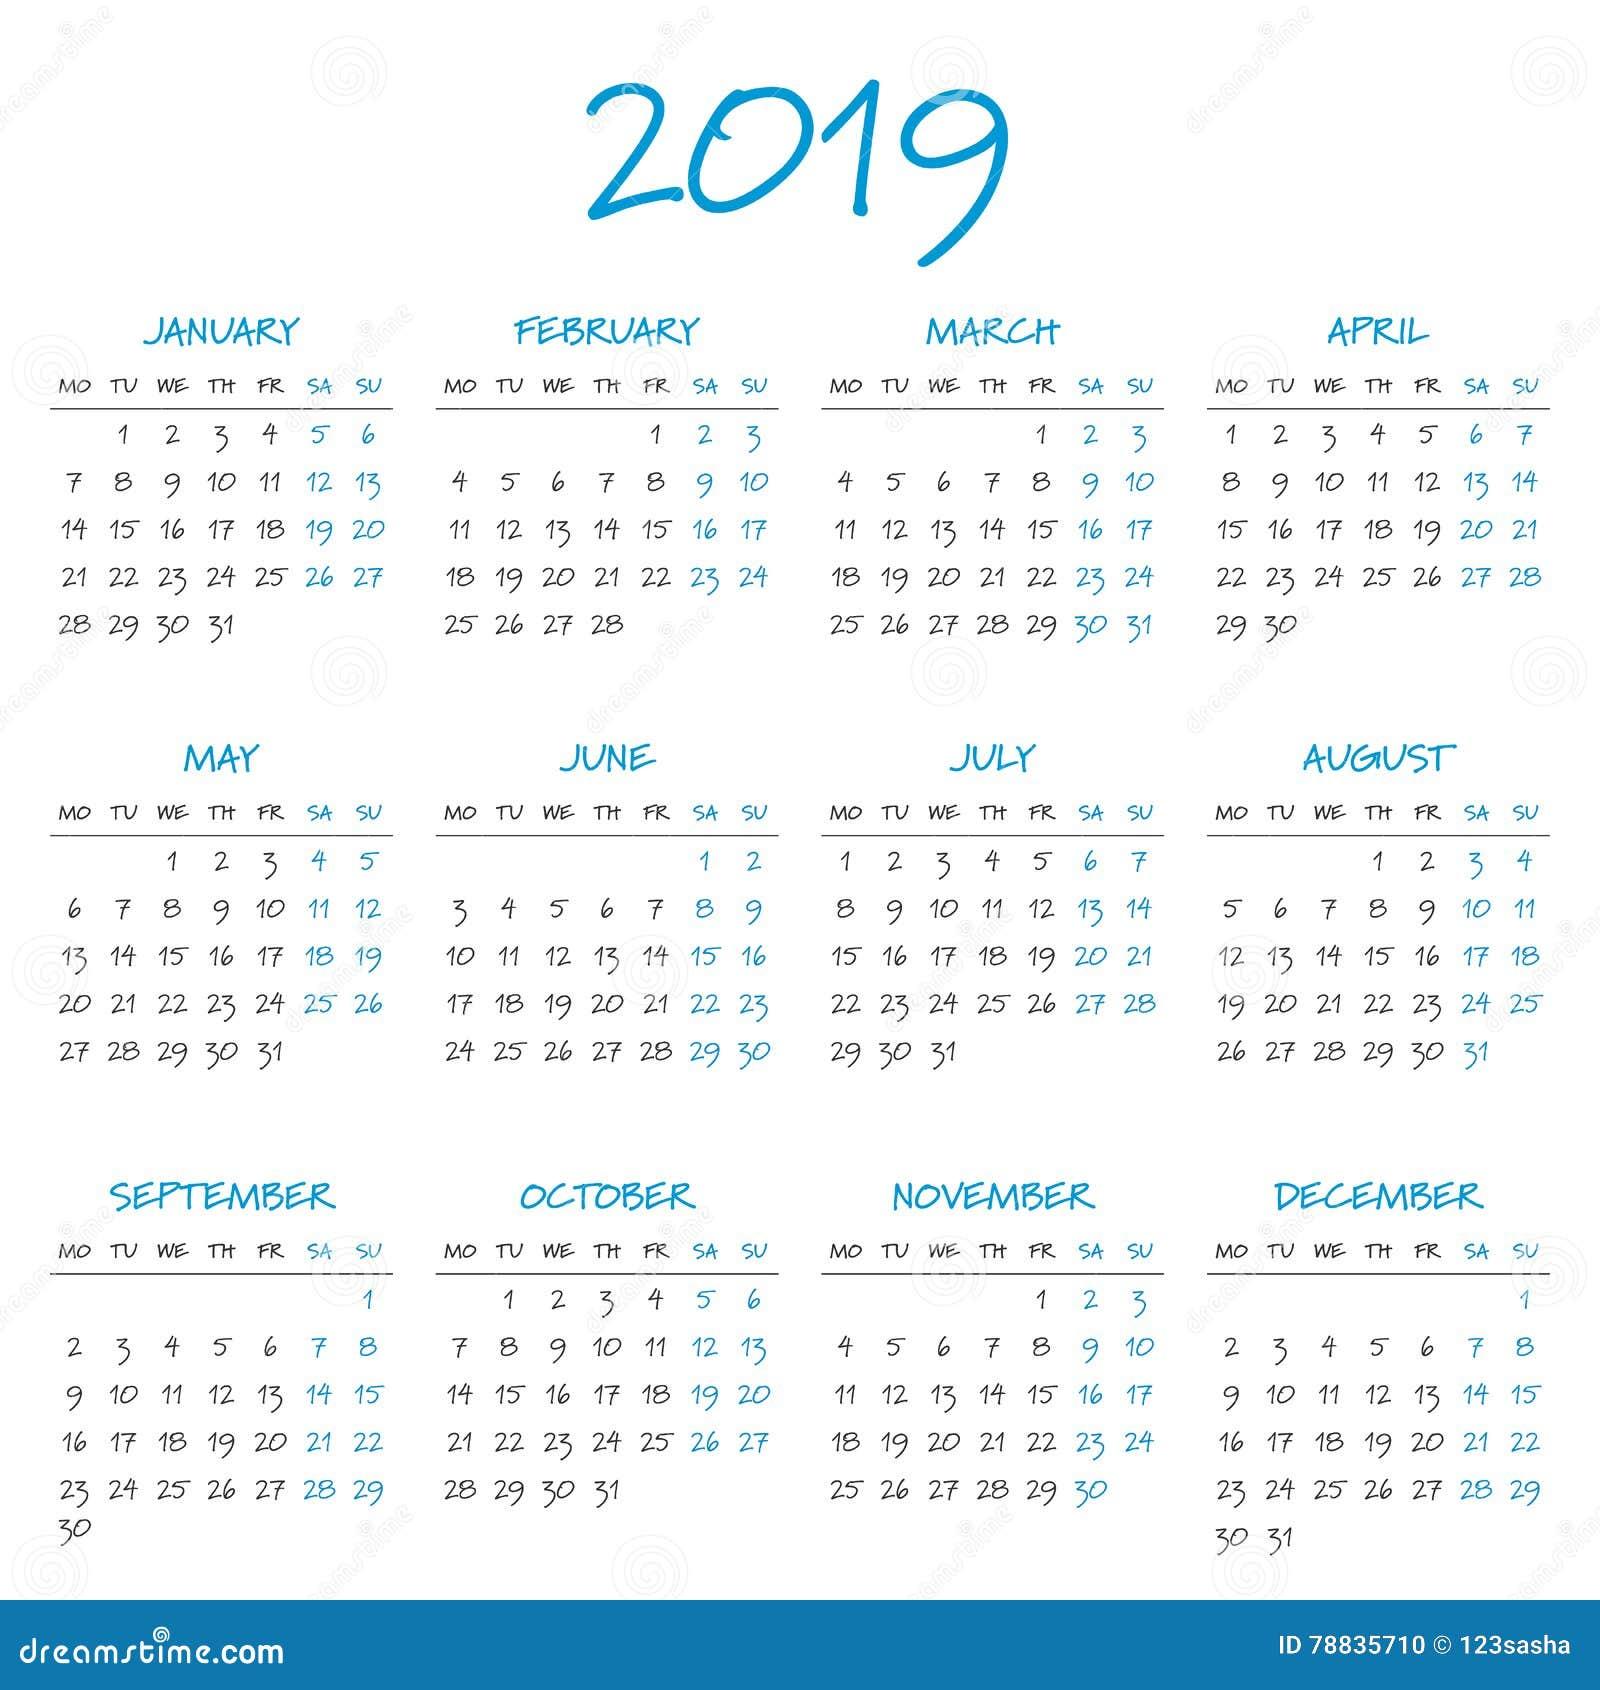 kalendarz uk 2019